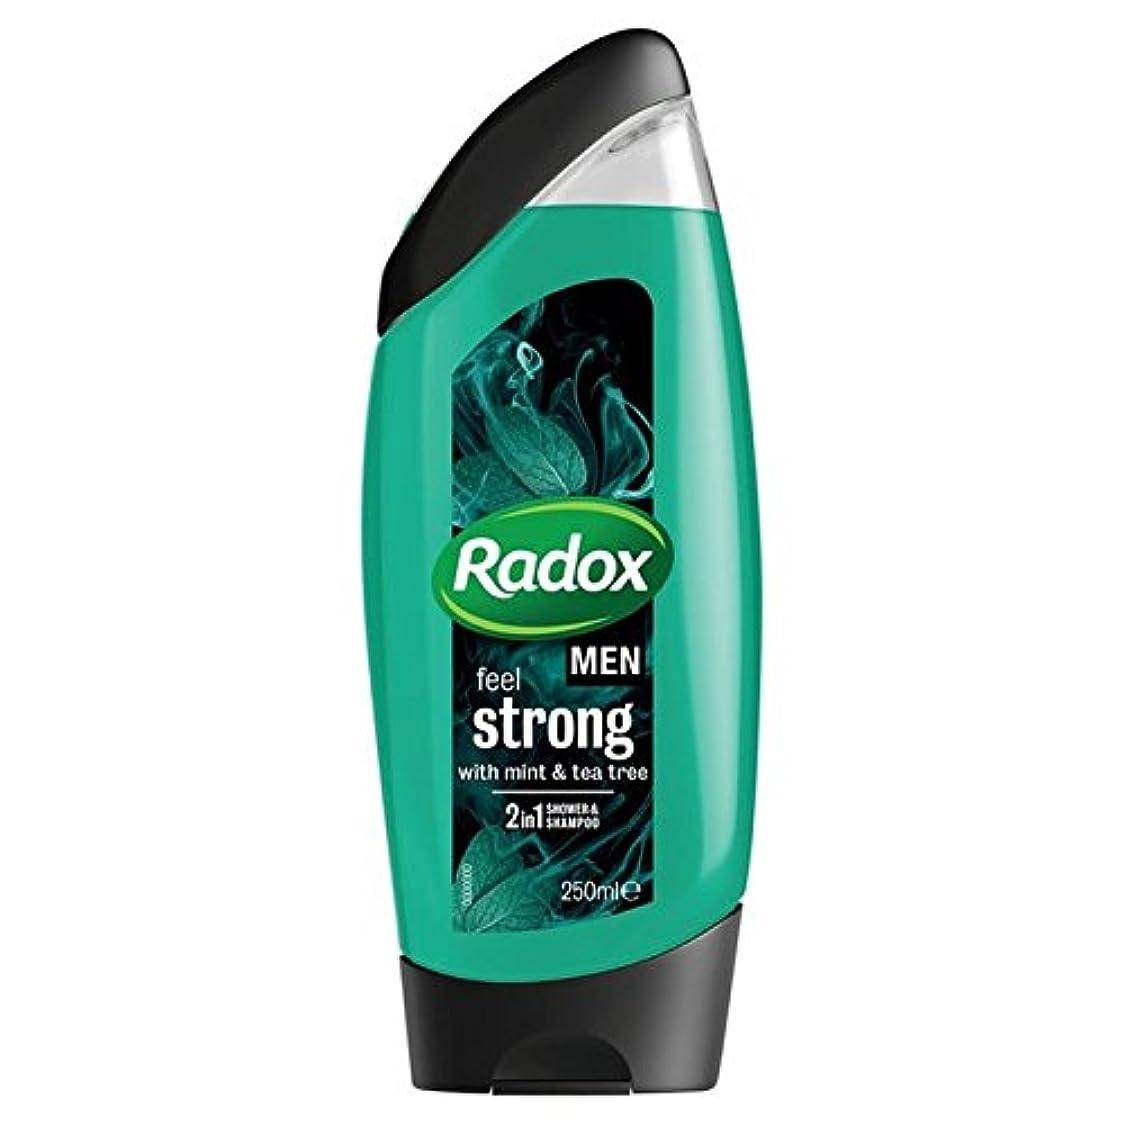 気怠い宅配便偉業Radox Men Feel Strong Mint & Tea Tree 2in1 Shower Gel 250ml - 男性は、強力なミント&ティーツリーの21のシャワージェル250ミリリットルを感じます [並行輸入品]